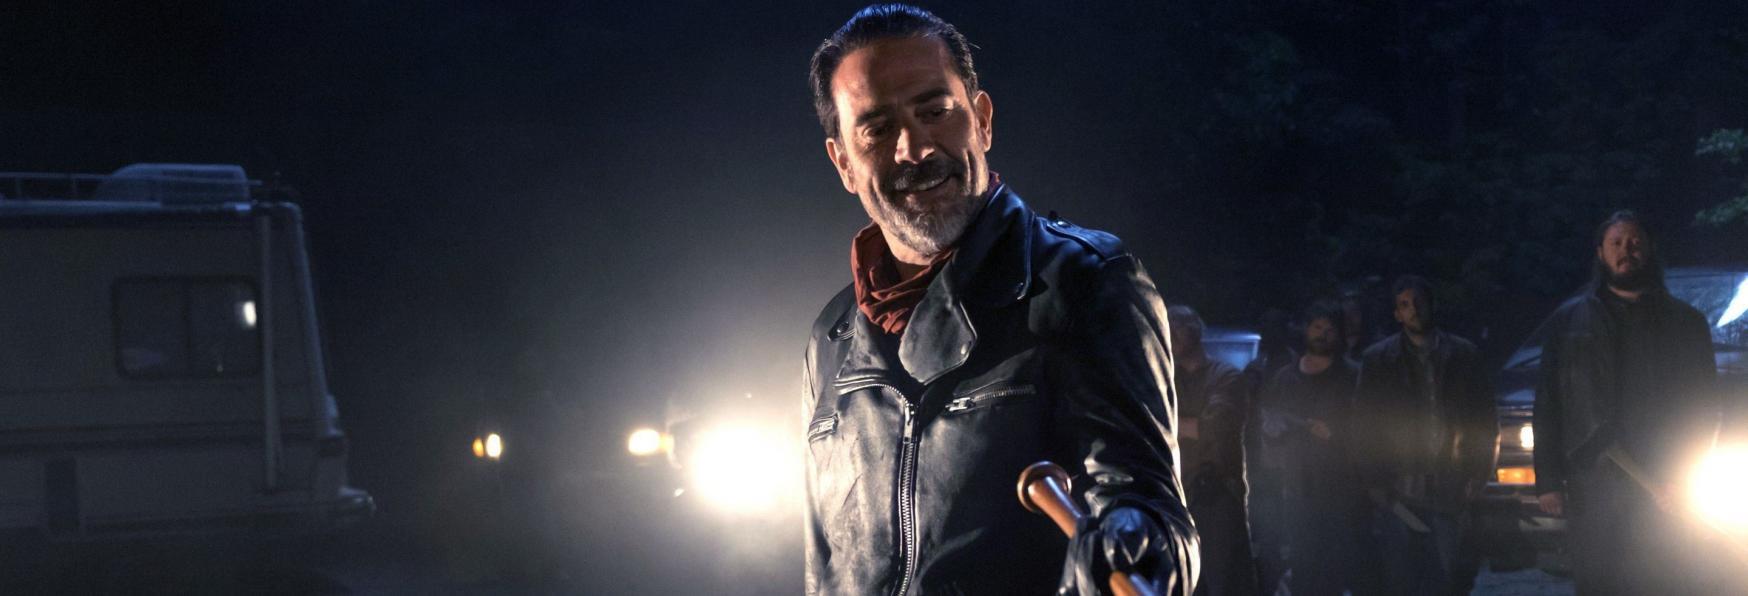 The Walking Dead 10: nella Parte Conclusiva ci sarà un Episodio sulle Origini di Negan?